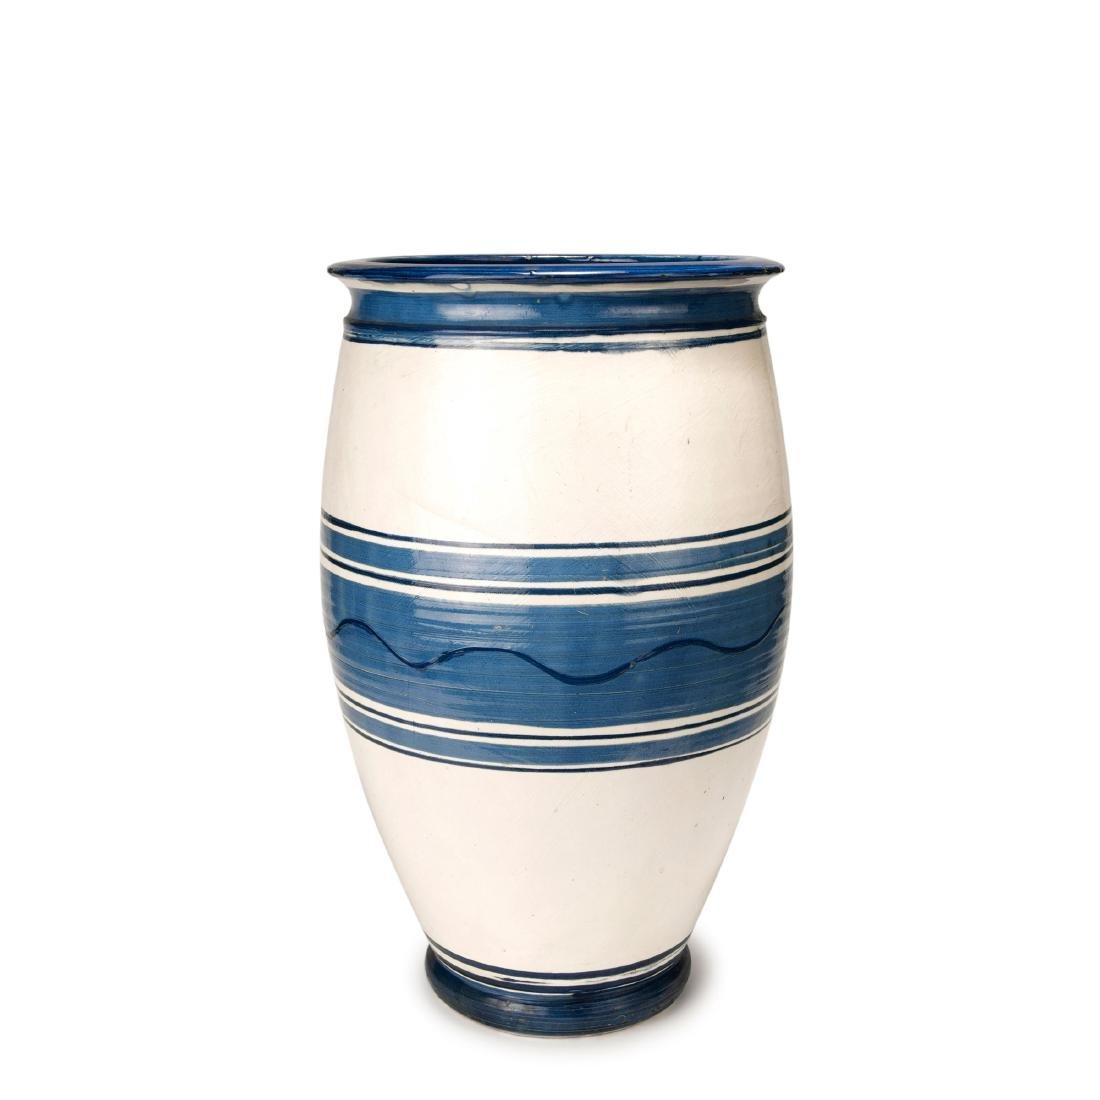 Tall vase, 1920s